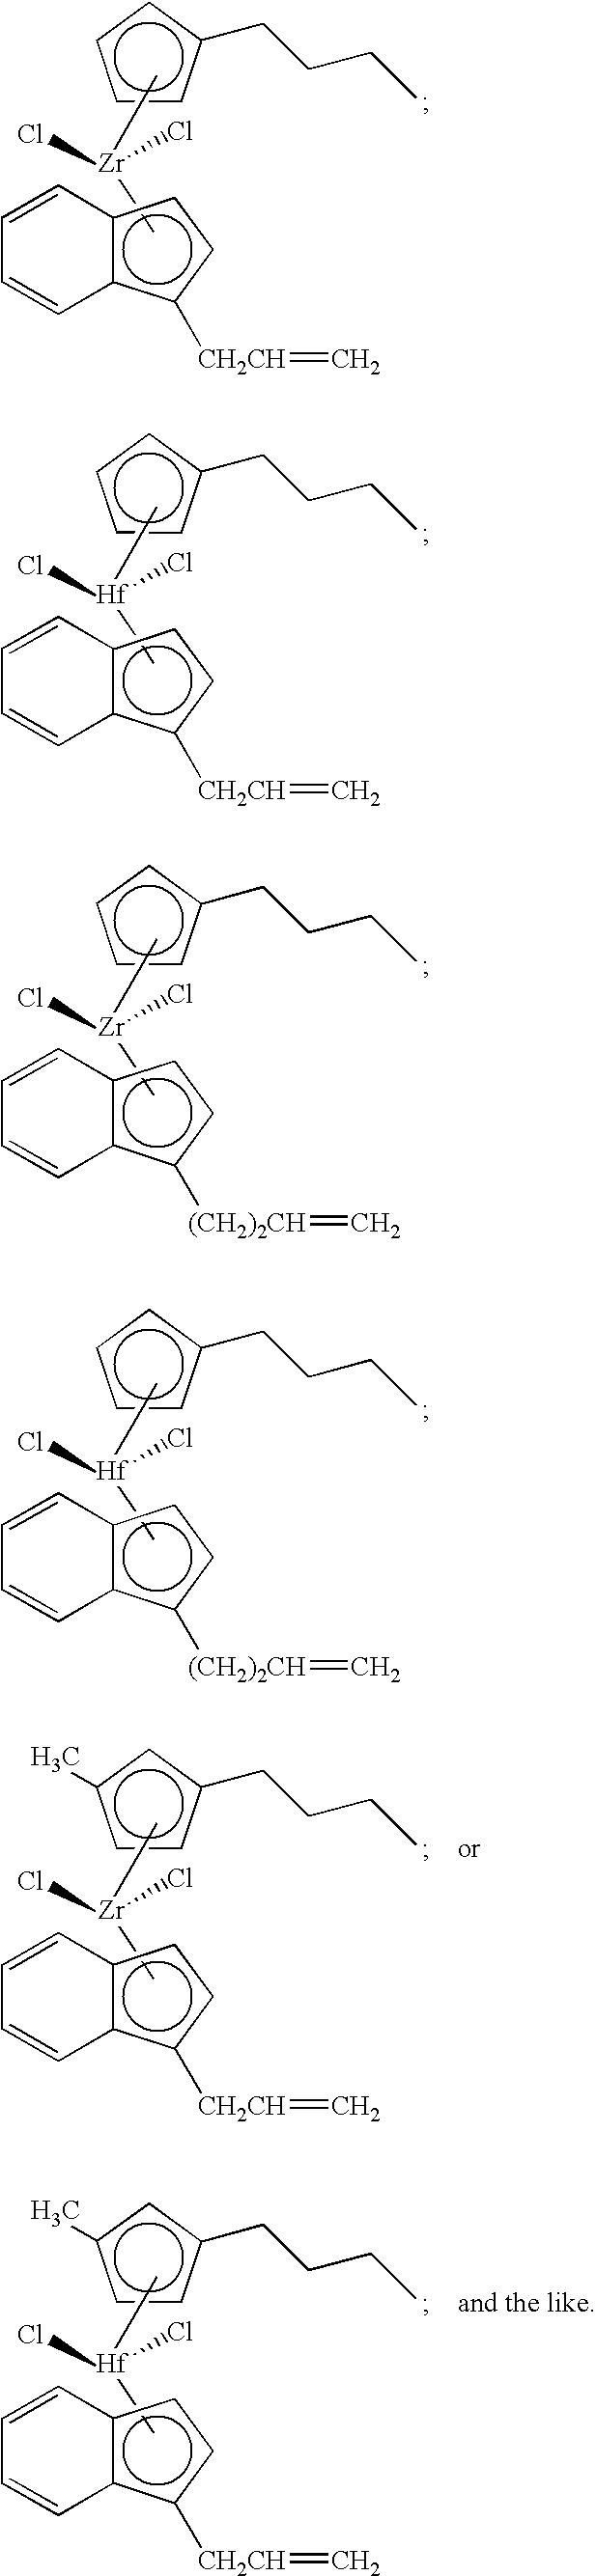 Figure US08080681-20111220-C00010